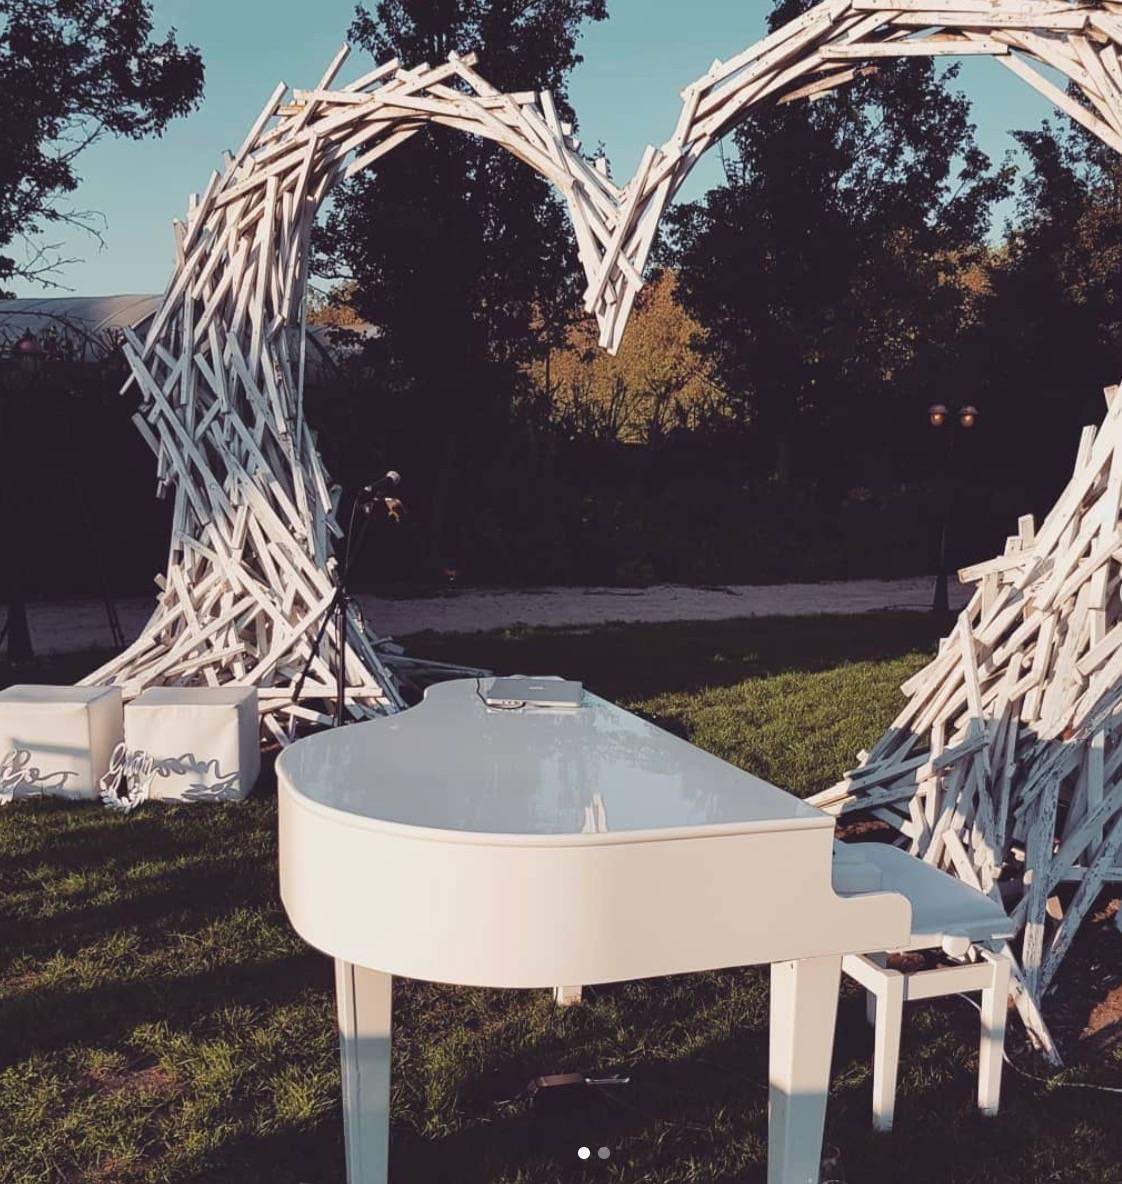 Daniel Verstappen - Muziek Huwelijk Trouw Bruiloft - Zanger - House of Weddings - 32